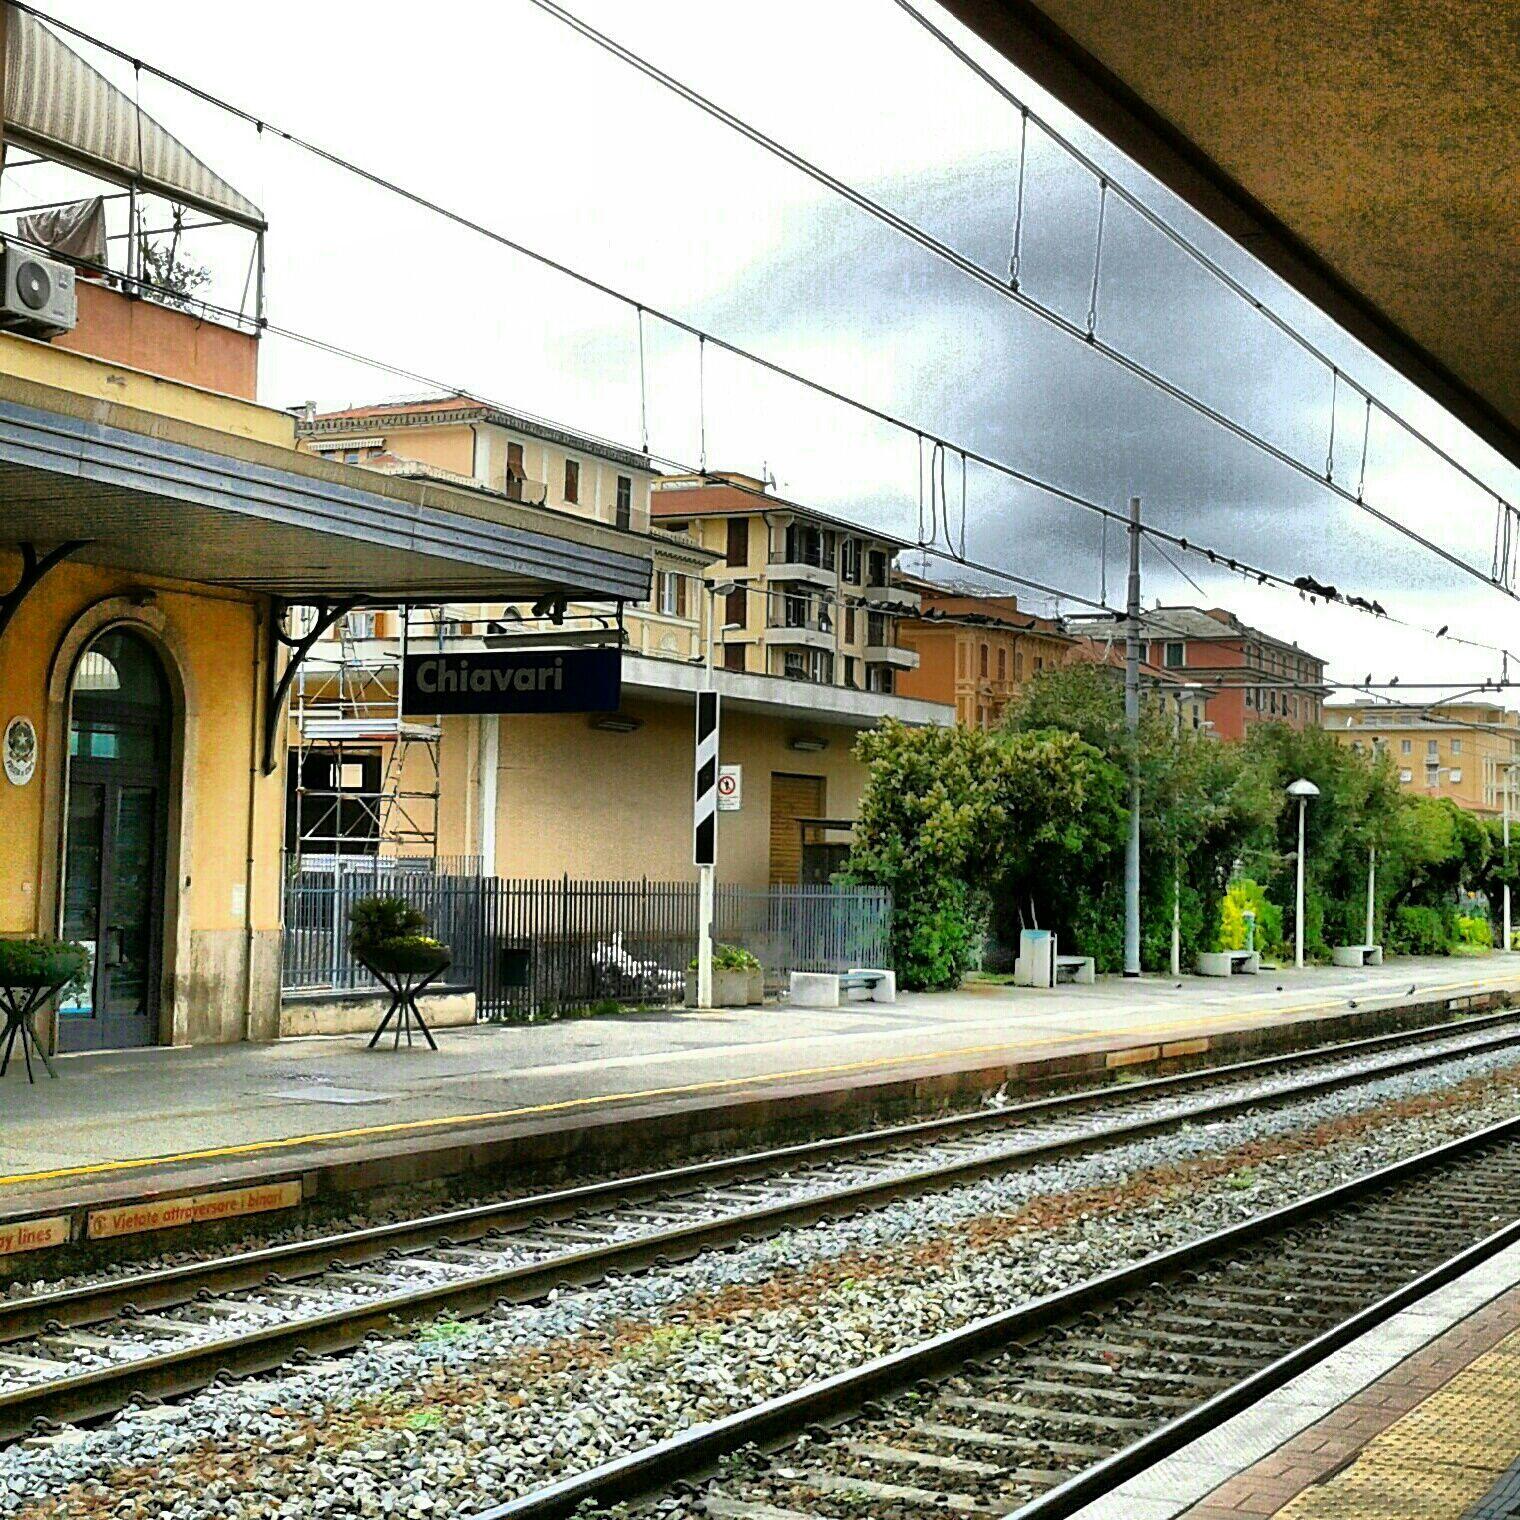 Chiavari station